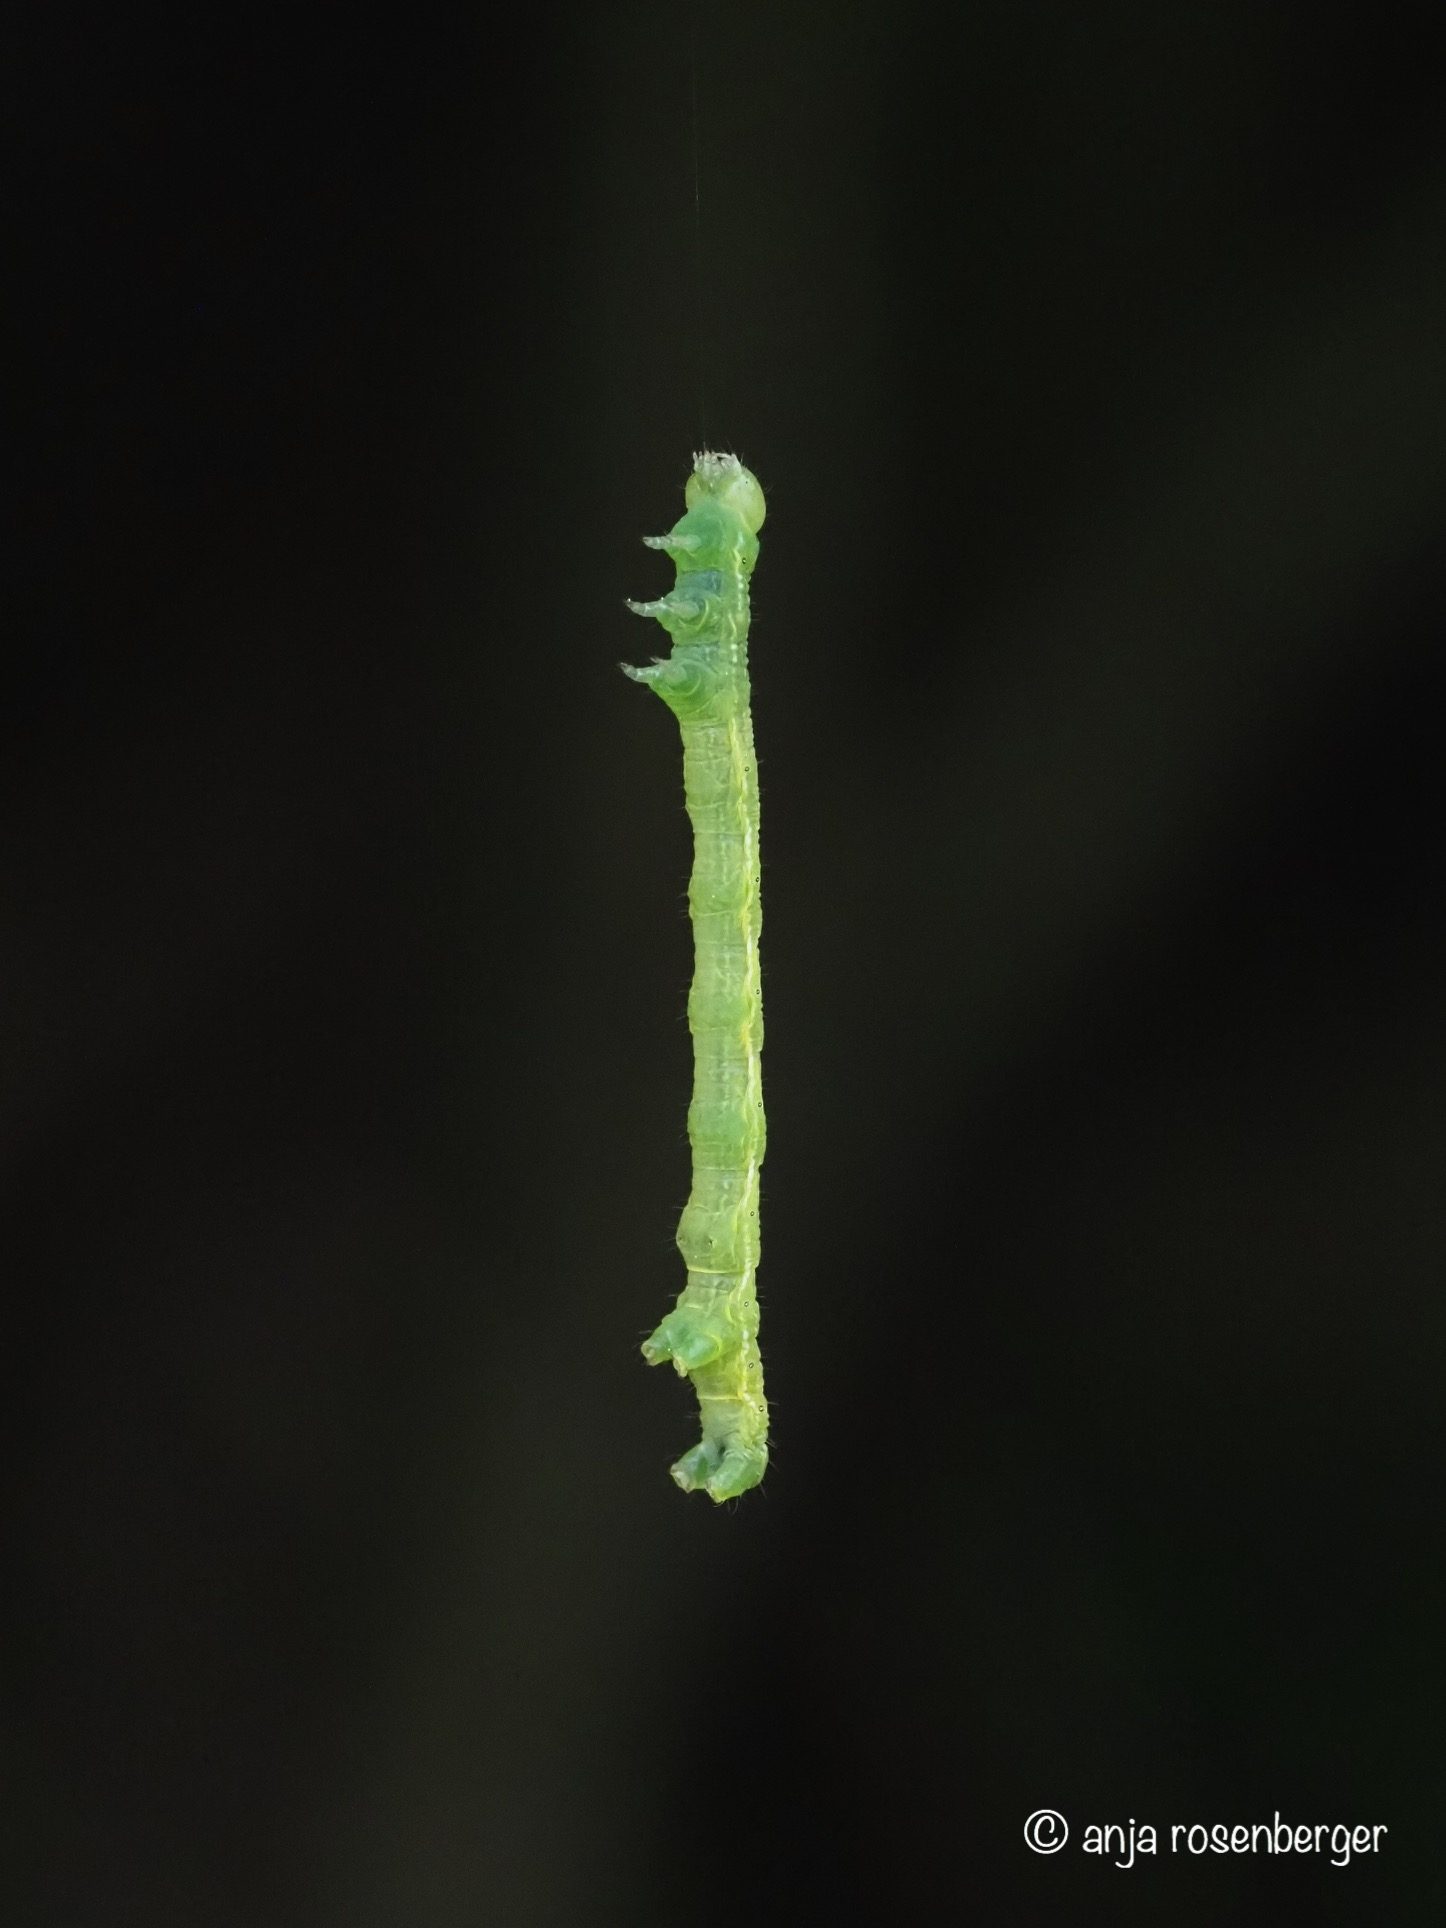 Grüne Raupe seilt sich von Baum